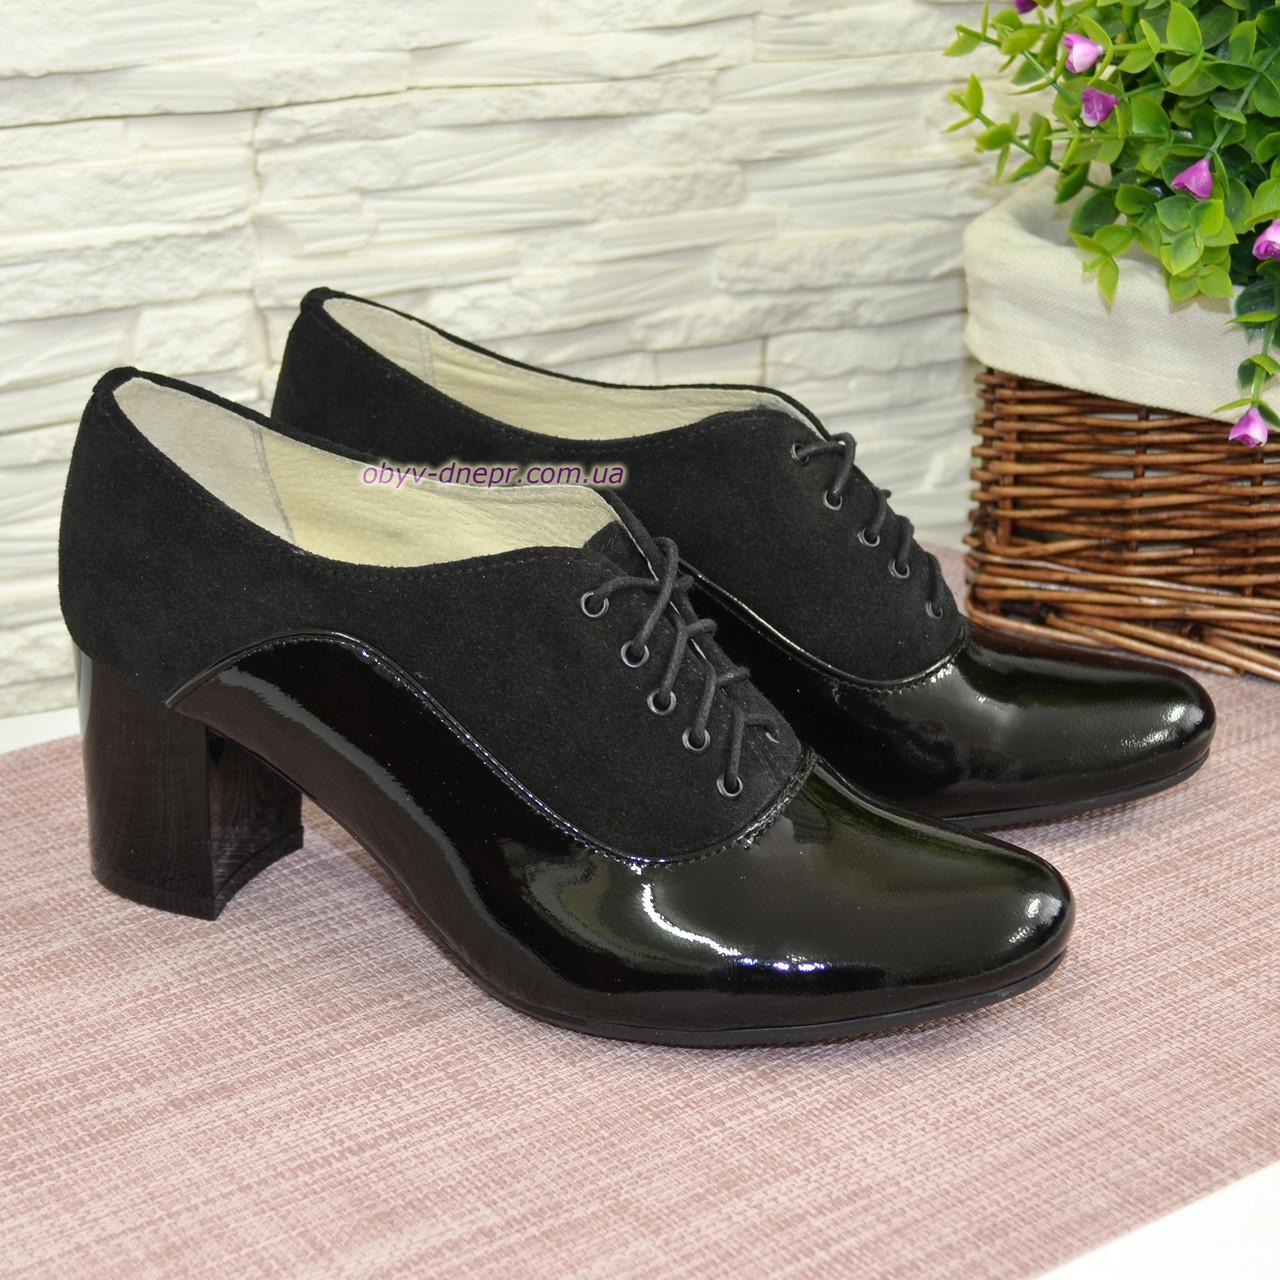 Женские туфли из натуральной черной замши и лаковой кожи, на шнуровке